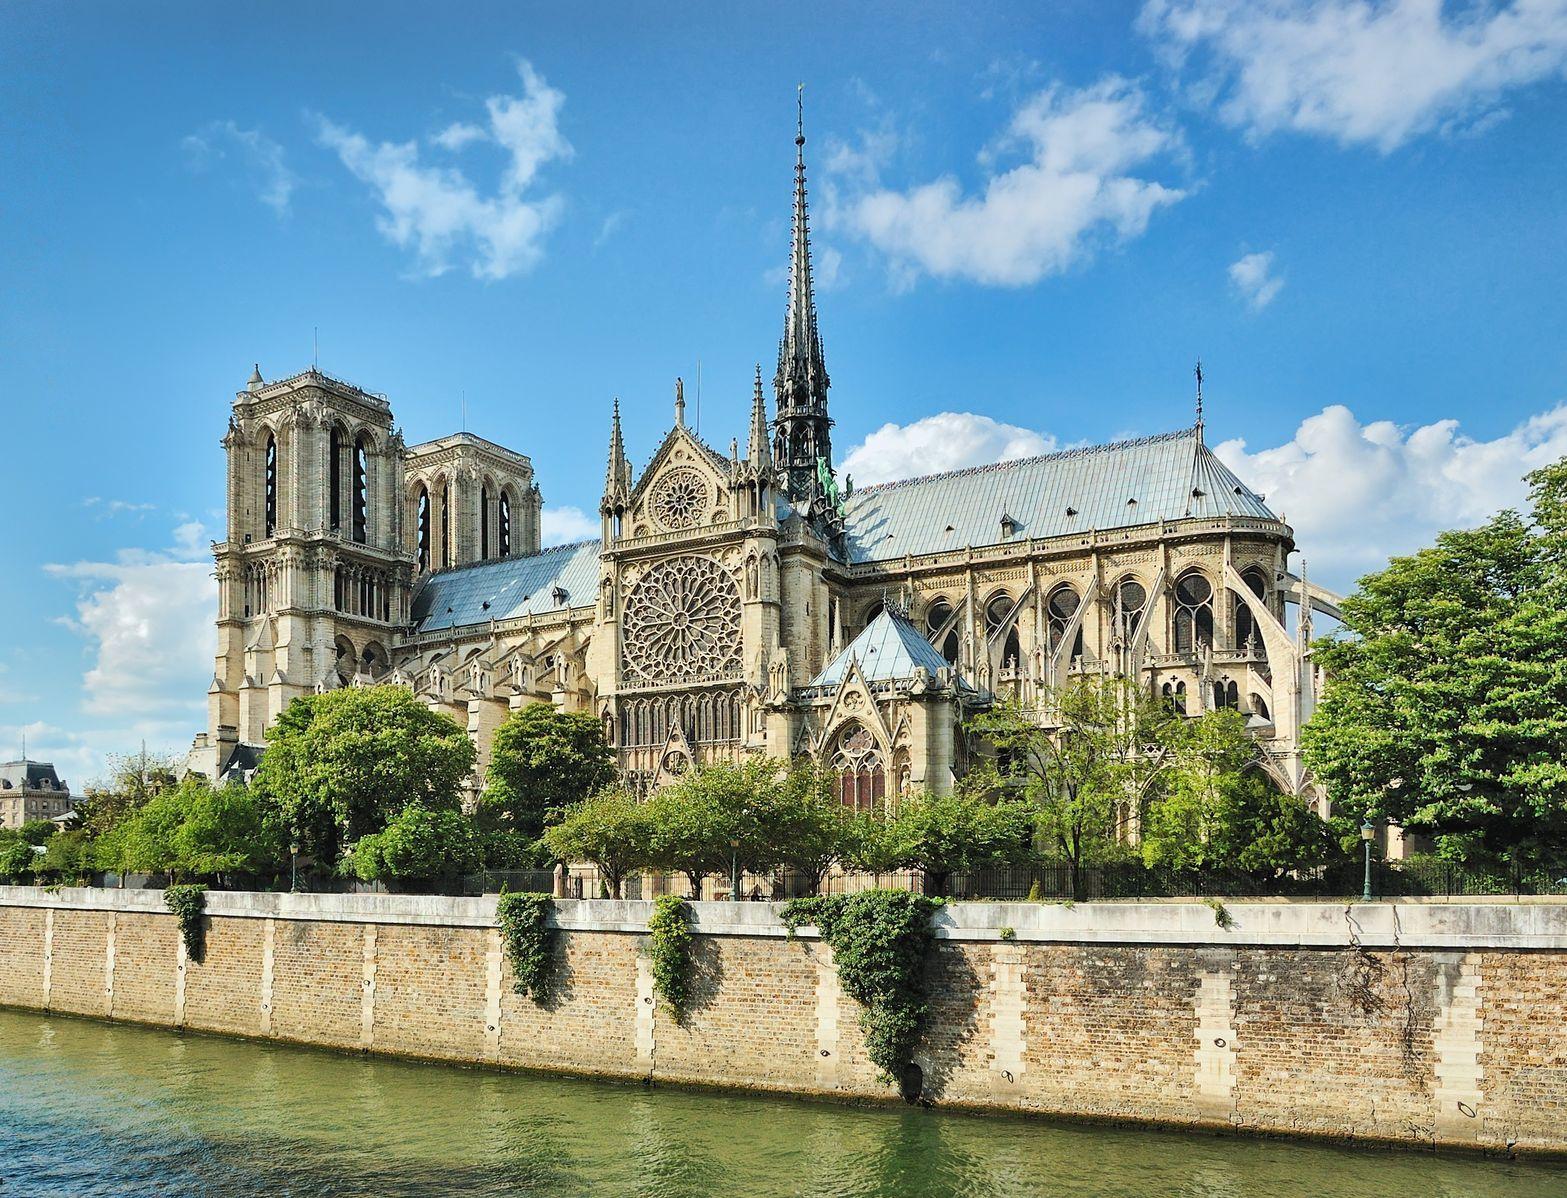 Katedrála Notre-Dame v Paříži | photomaru/123RF.com